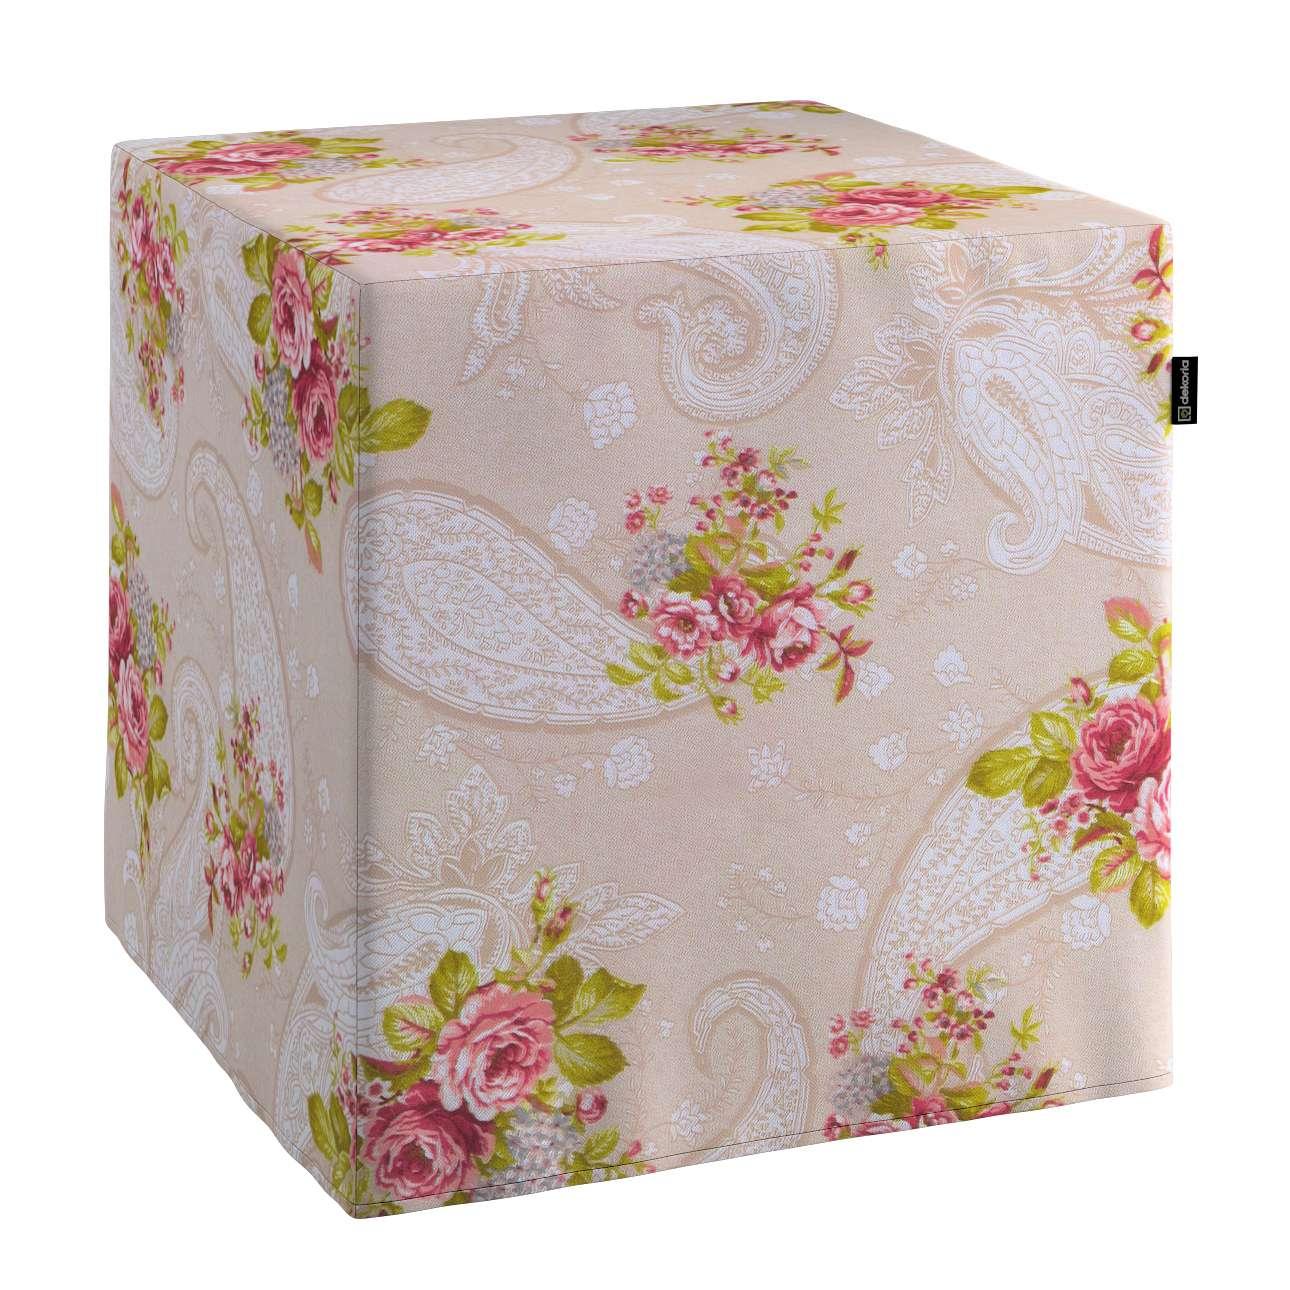 Taburetka tvrdá, kocka 40 × 40 × 40 cm V kolekcii Flowers, tkanina: 311-15